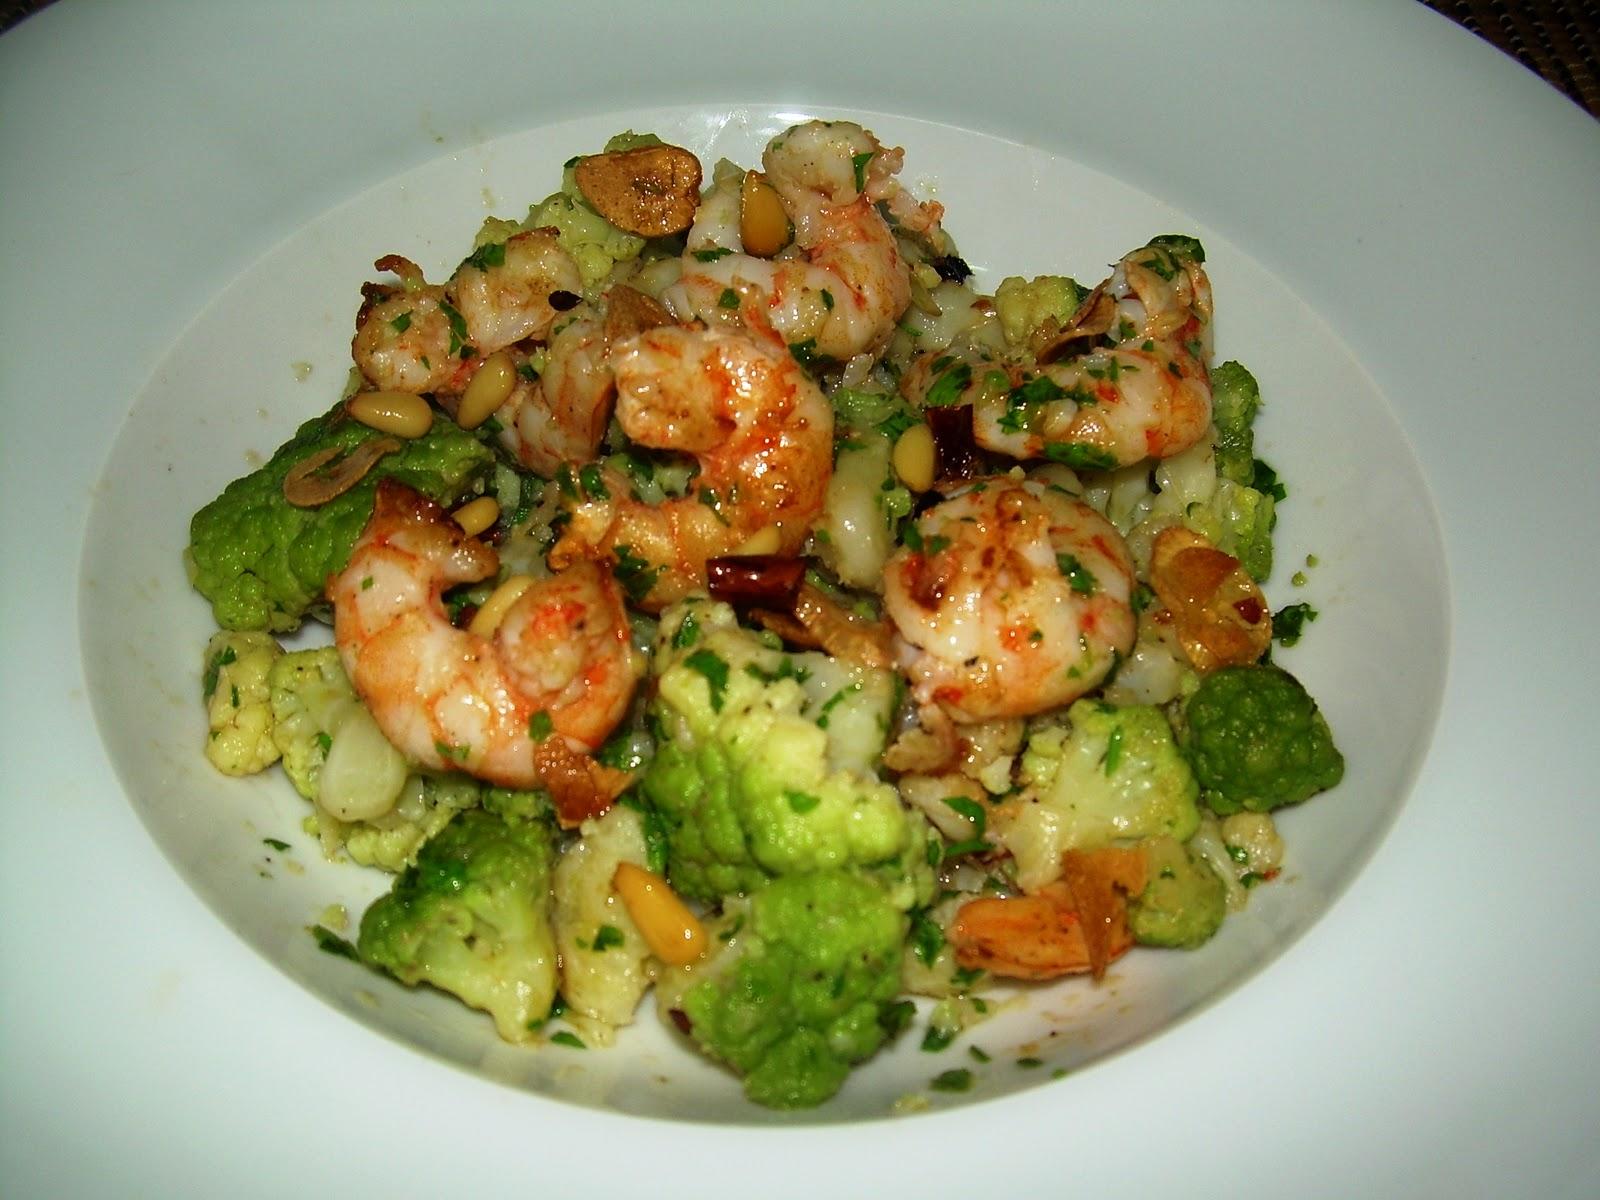 Gastronomic n coliflor brocoli con langostinos for Maneras de cocinar brocoli